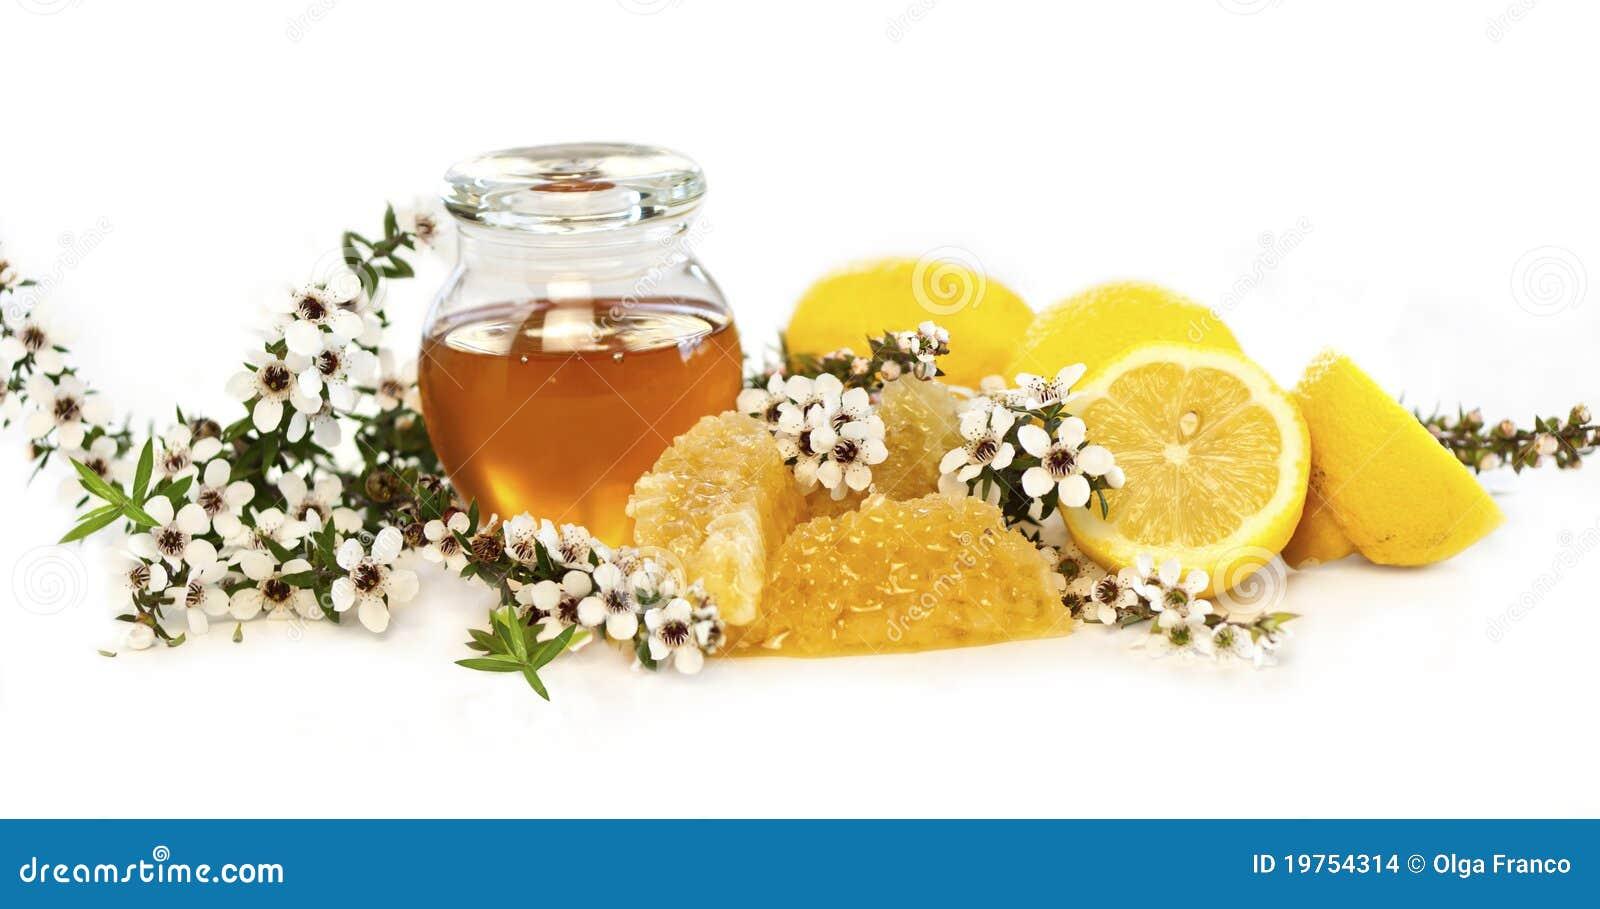 Manuka honey & lemons